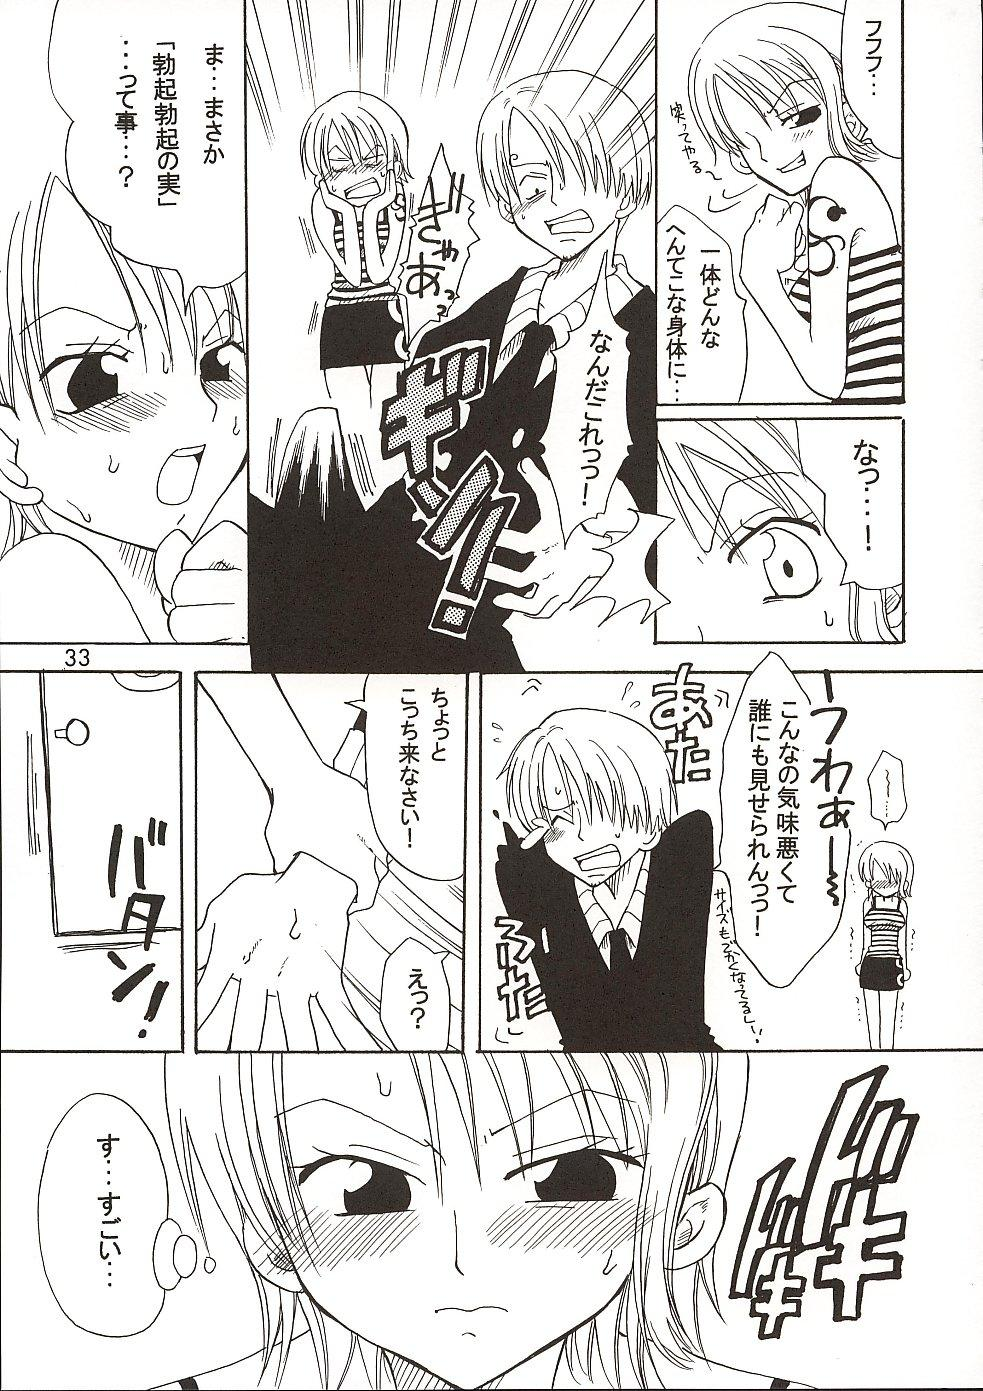 Shiawase Punch! 3 31